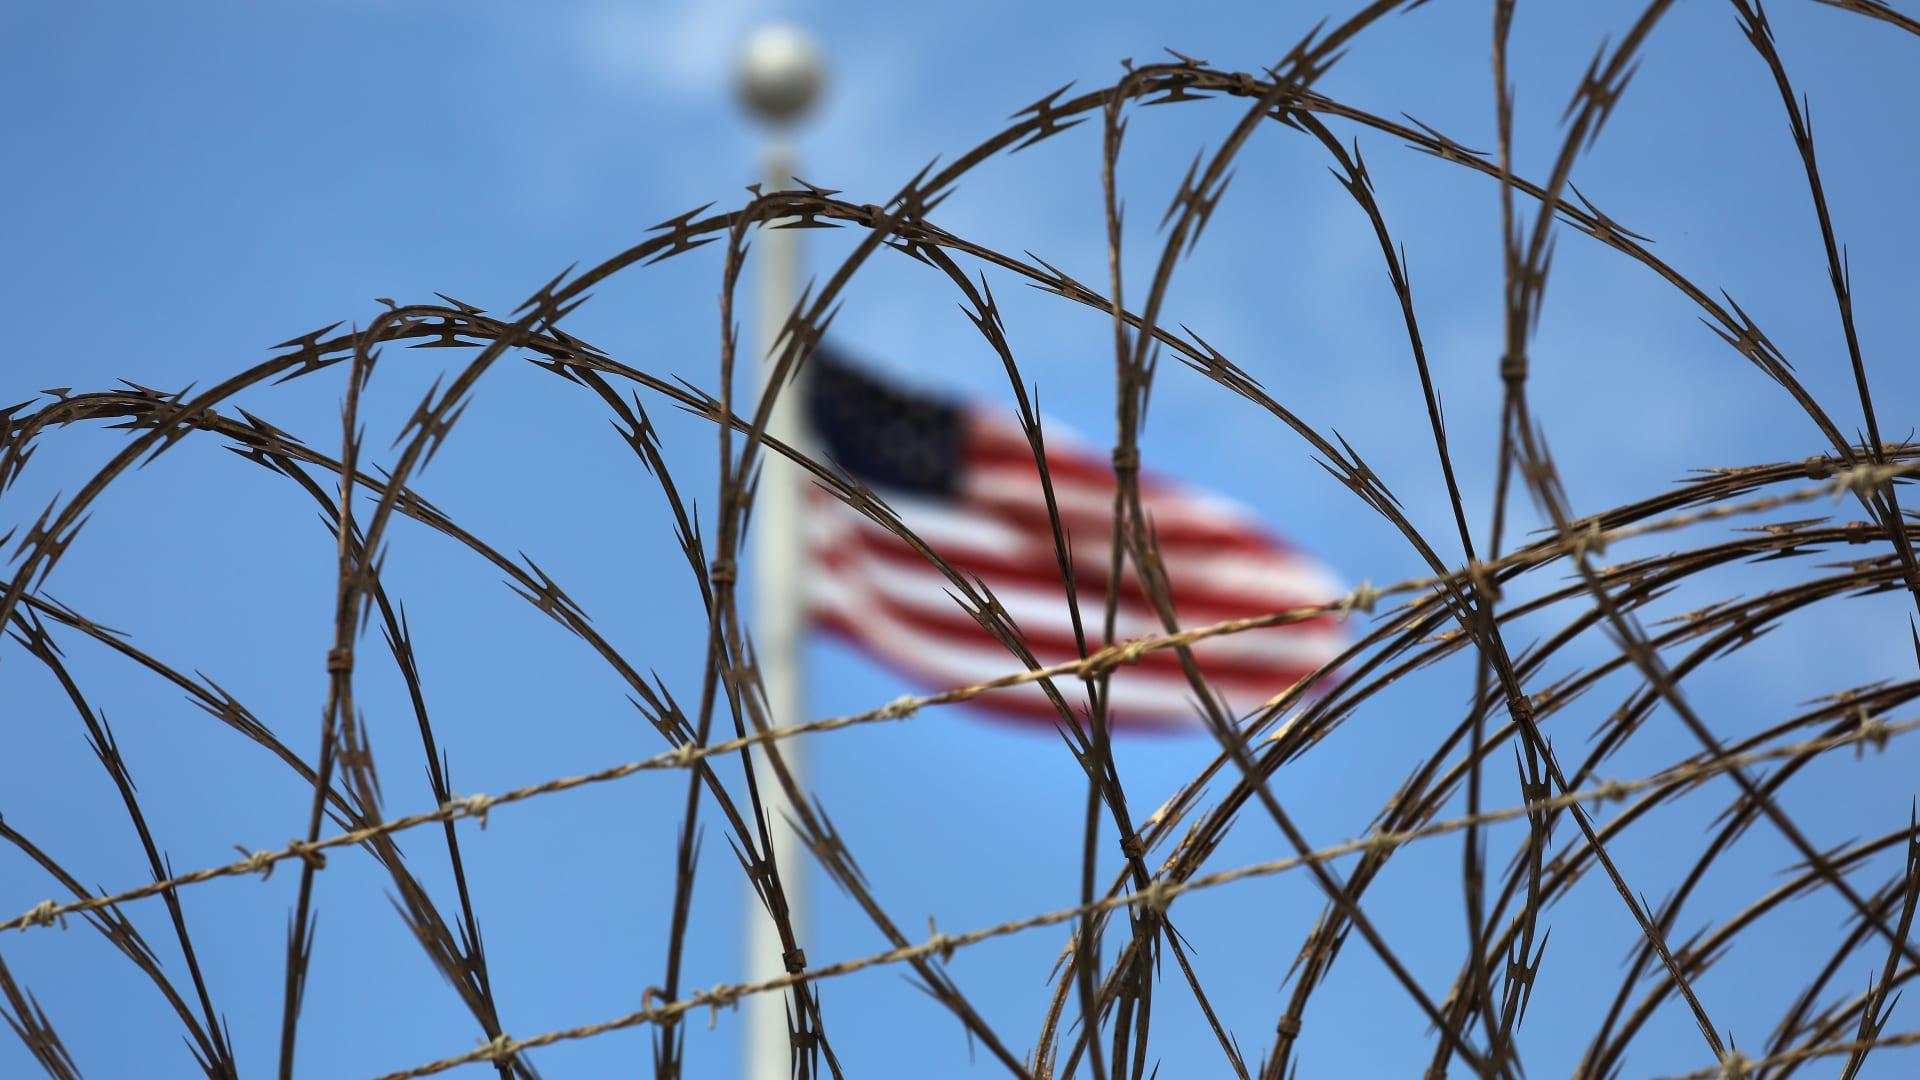 بعد إدانته بهجوم بنغازي.. أحمد أبو ختالة يواجه عقوبة السجن لـ22 عاما